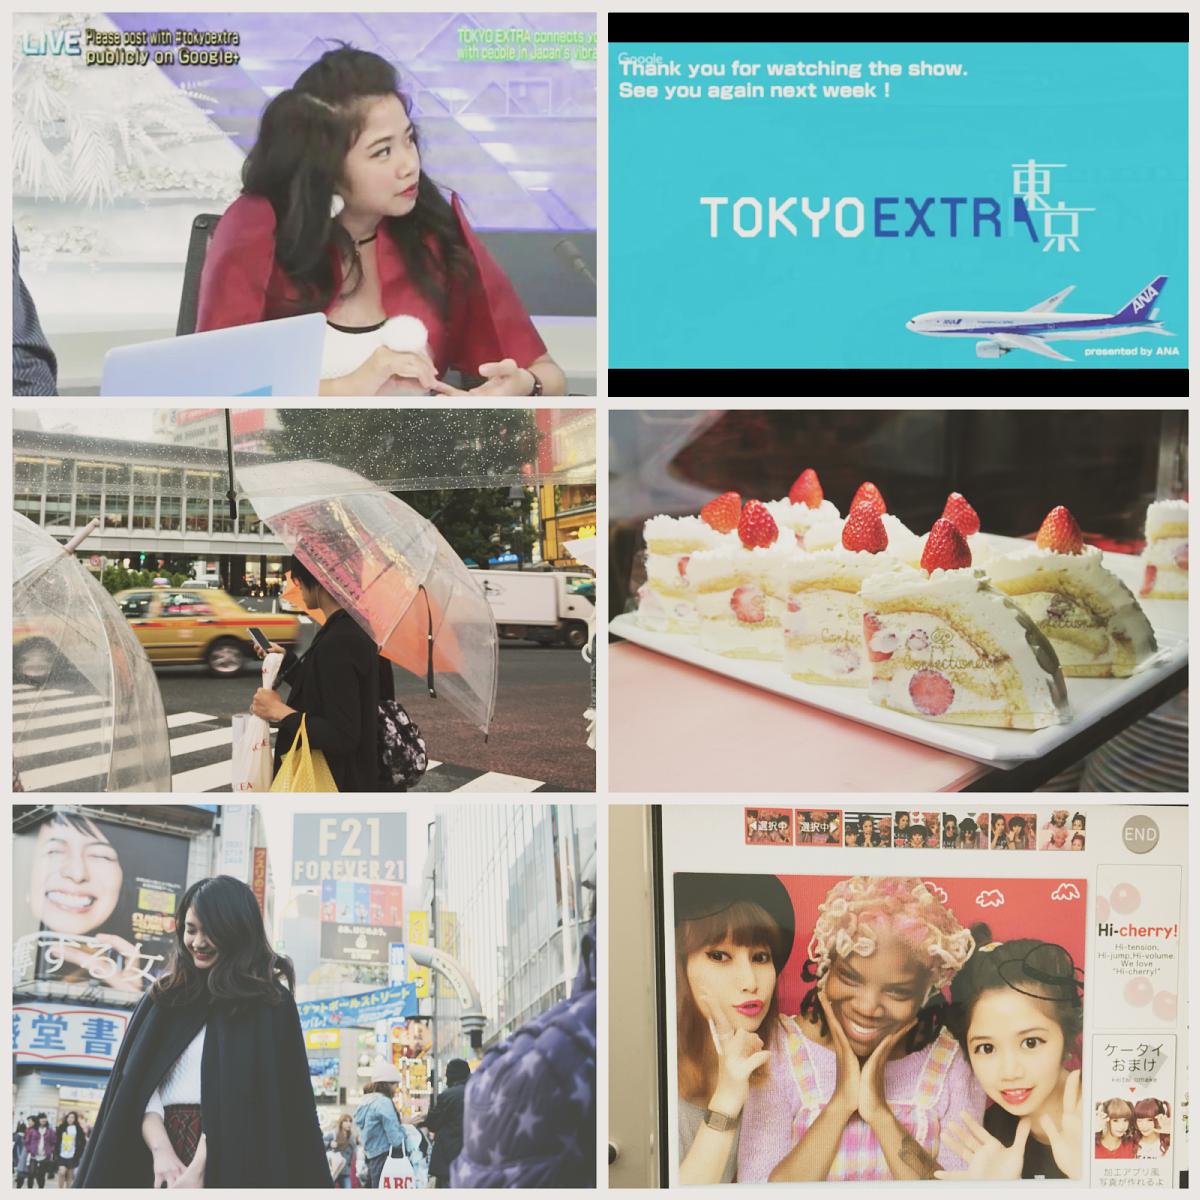 Tokyo Extra episodetokyo extra kaila ocampo kawaii philippines